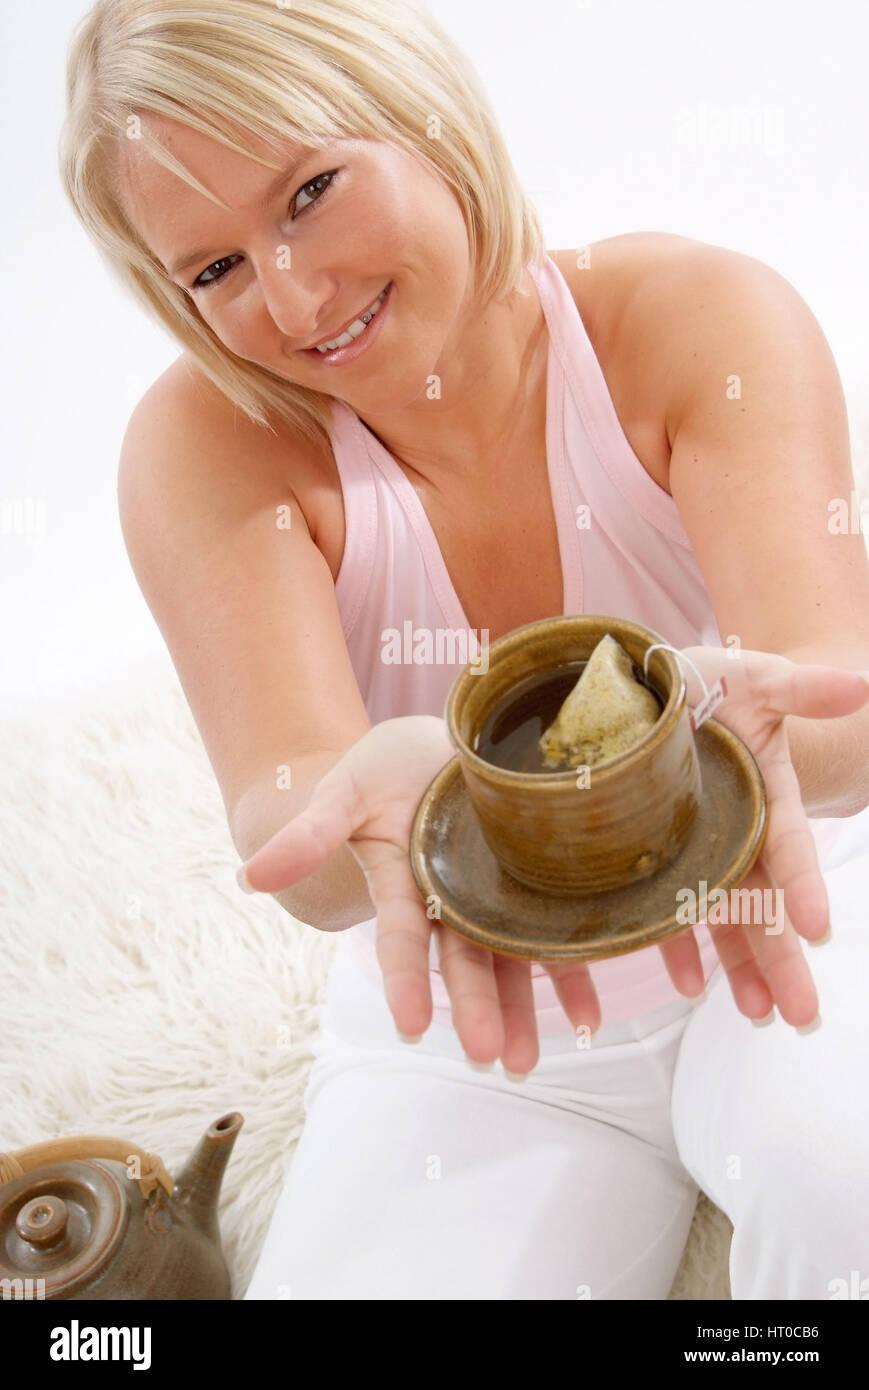 Junge Frau mit Teetasse - woman with tea - Stock Image